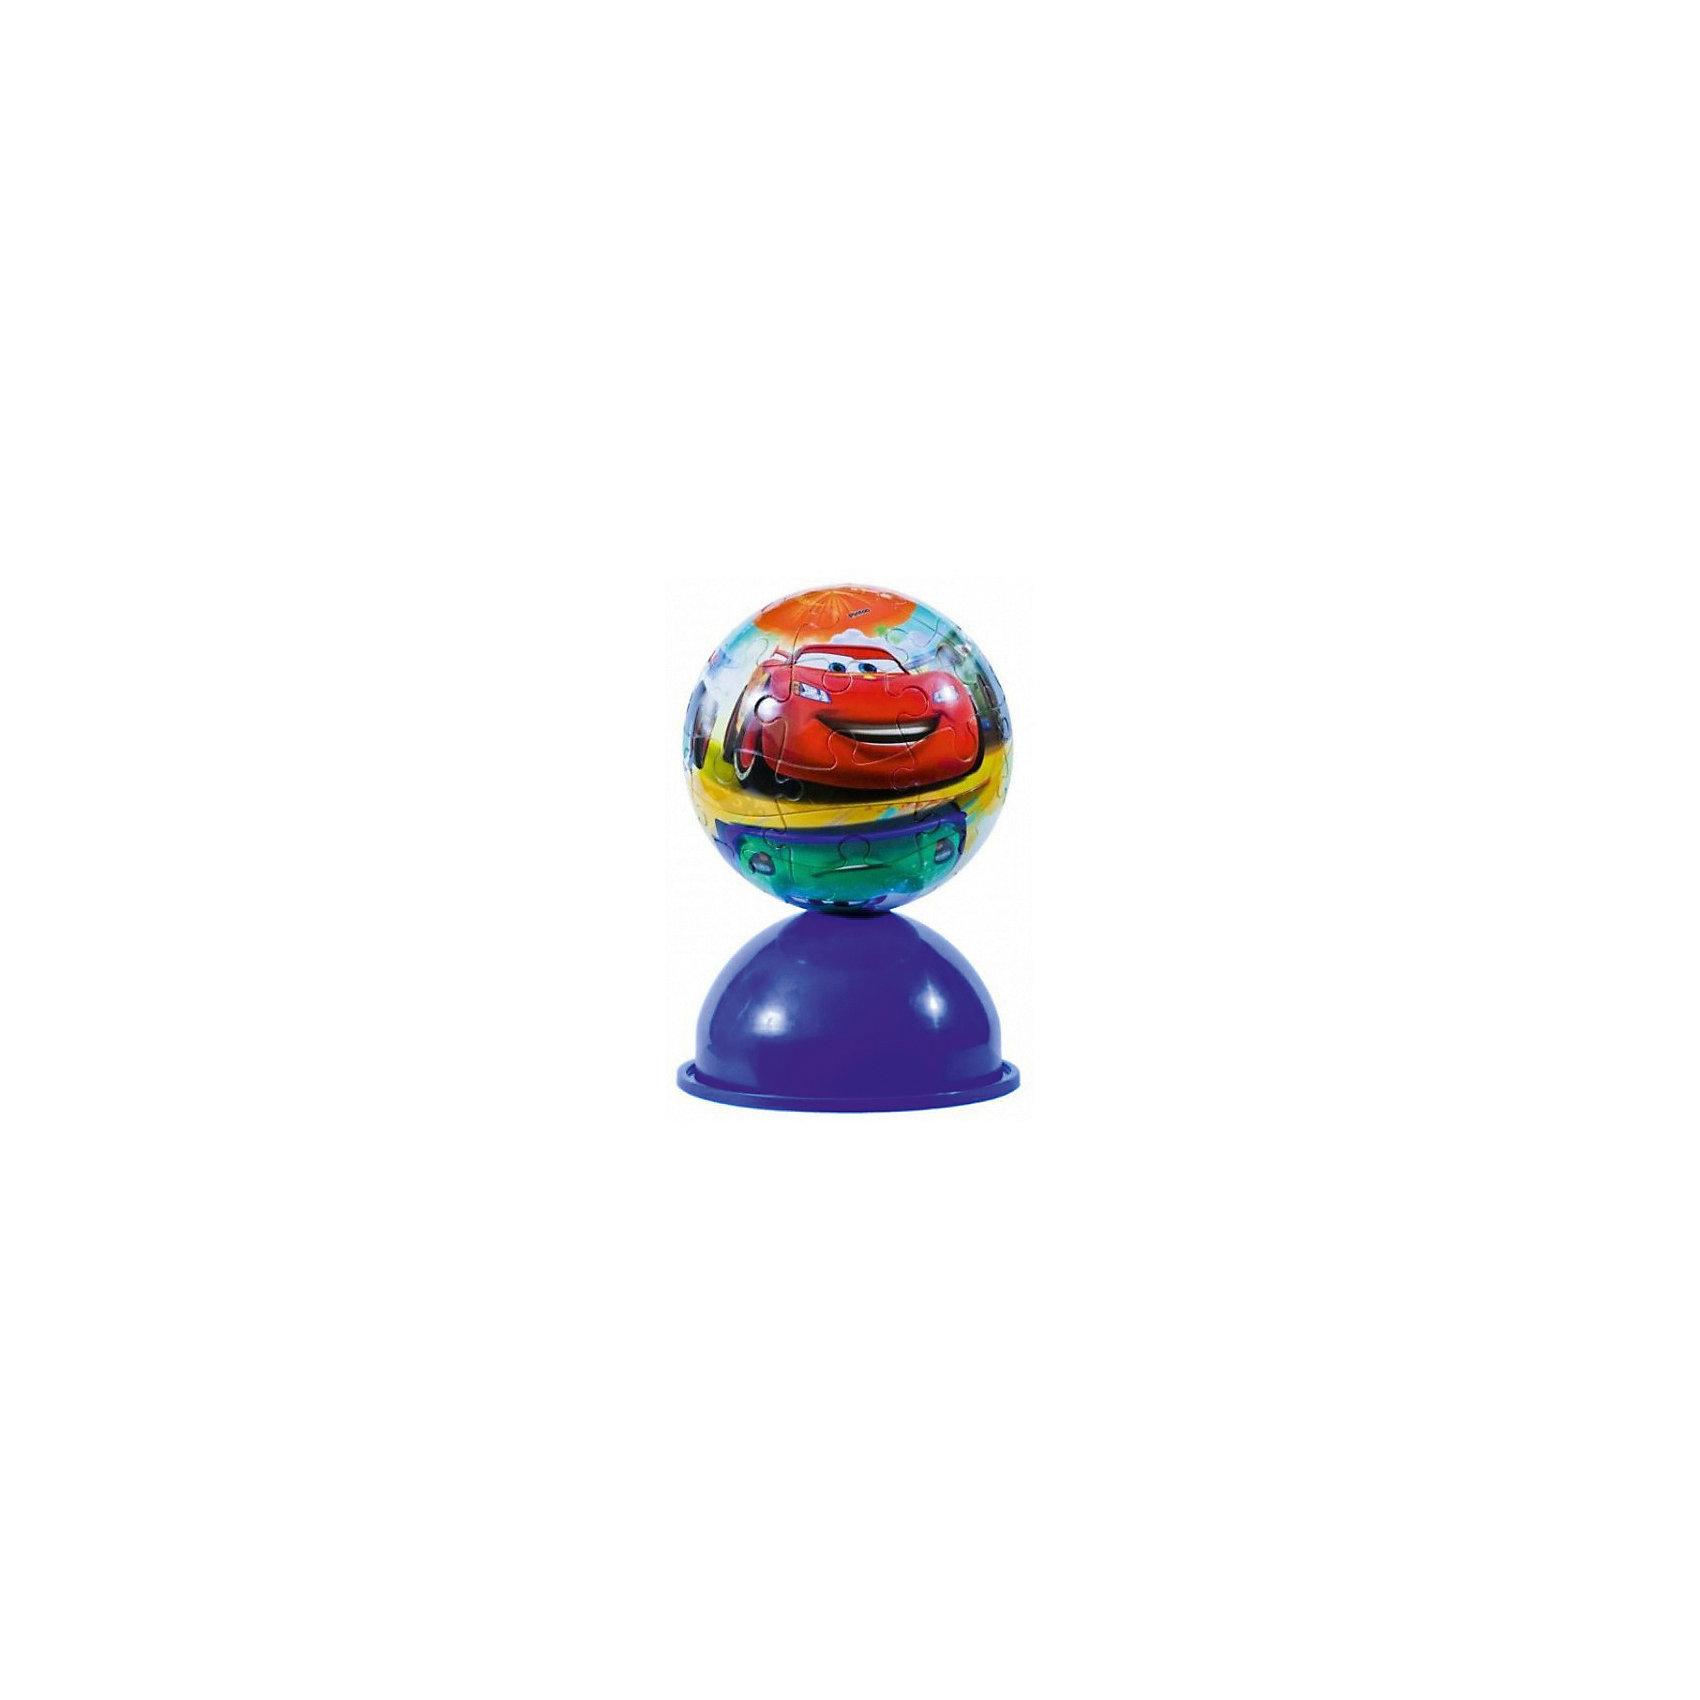 Пазл-шар Тачки, 24 детали, Disney3D пазлы<br>Характеристики товара:<br><br>• возраст: от 3 лет;<br>• материал: пластик;<br>• в комплекте: 24 элемента, подставка;<br>• диаметр шара: 12 см;<br>• размер упаковки: 20,5х18,5х6 см;<br>• вес упаковки: 380 гр.;<br>• страна производитель: Россия.<br><br>Пазл-шар «Тачки» Disney Step Puzzle — оригинальный пазл, элементы которого имеют изогнутую форму и собираются вместе, образуя шар. Собрав его, получается объемная фигура с изображениями любимых героев мультфильма «Тачки». <br><br>В процессе сборки пазла развиваются мелкая моторика рук, усидчивость, внимательность, логическое мышление. Все детали выполнены из качественного прочного пластика и надежно скрепляются между собой.<br><br>Пазл-шар «Тачки» Disney Step Puzzle можно приобрести в нашем интернет-магазине.<br><br>Ширина мм: 205<br>Глубина мм: 185<br>Высота мм: 60<br>Вес г: 380<br>Возраст от месяцев: 36<br>Возраст до месяцев: 2147483647<br>Пол: Мужской<br>Возраст: Детский<br>Количество деталей: 24<br>SKU: 5346203